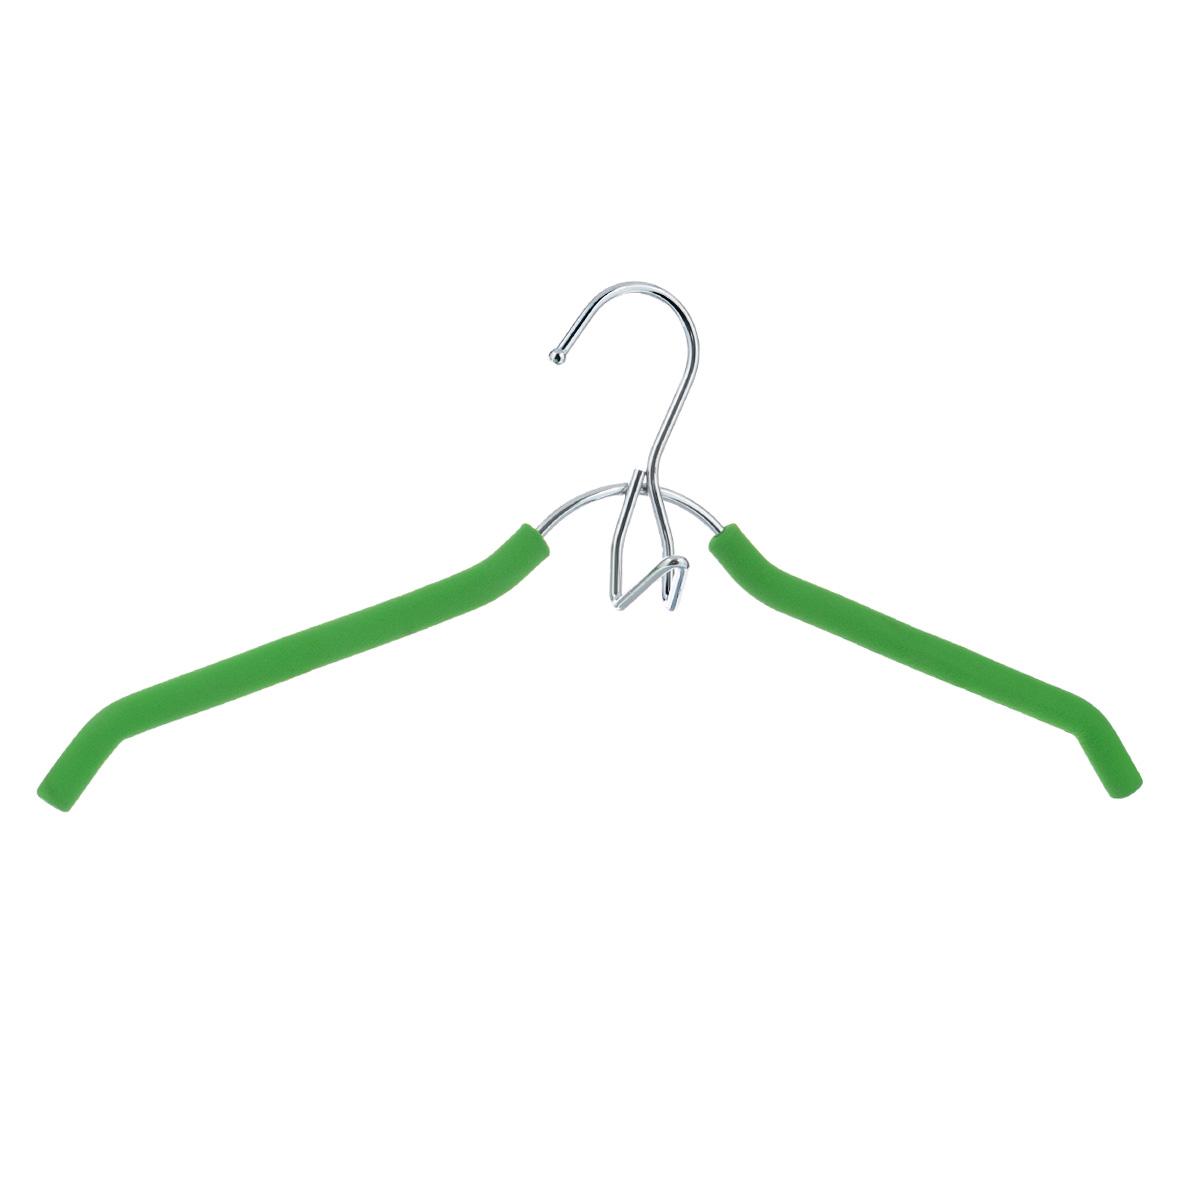 Вешалка-плечики Flatel, с крючком, цвет: зеленыйFHM172GВешалка-плечики Flatel, выполненная из металла, идеально подойдет для разного вида одежды. Она оснащена надежным крючком и отделкой из мягкой резины, которая предотвратит соскальзывание одежды. Вешалка - это незаменимая вещь для того, чтобы ваша одежда всегда оставалась в хорошем состоянии.